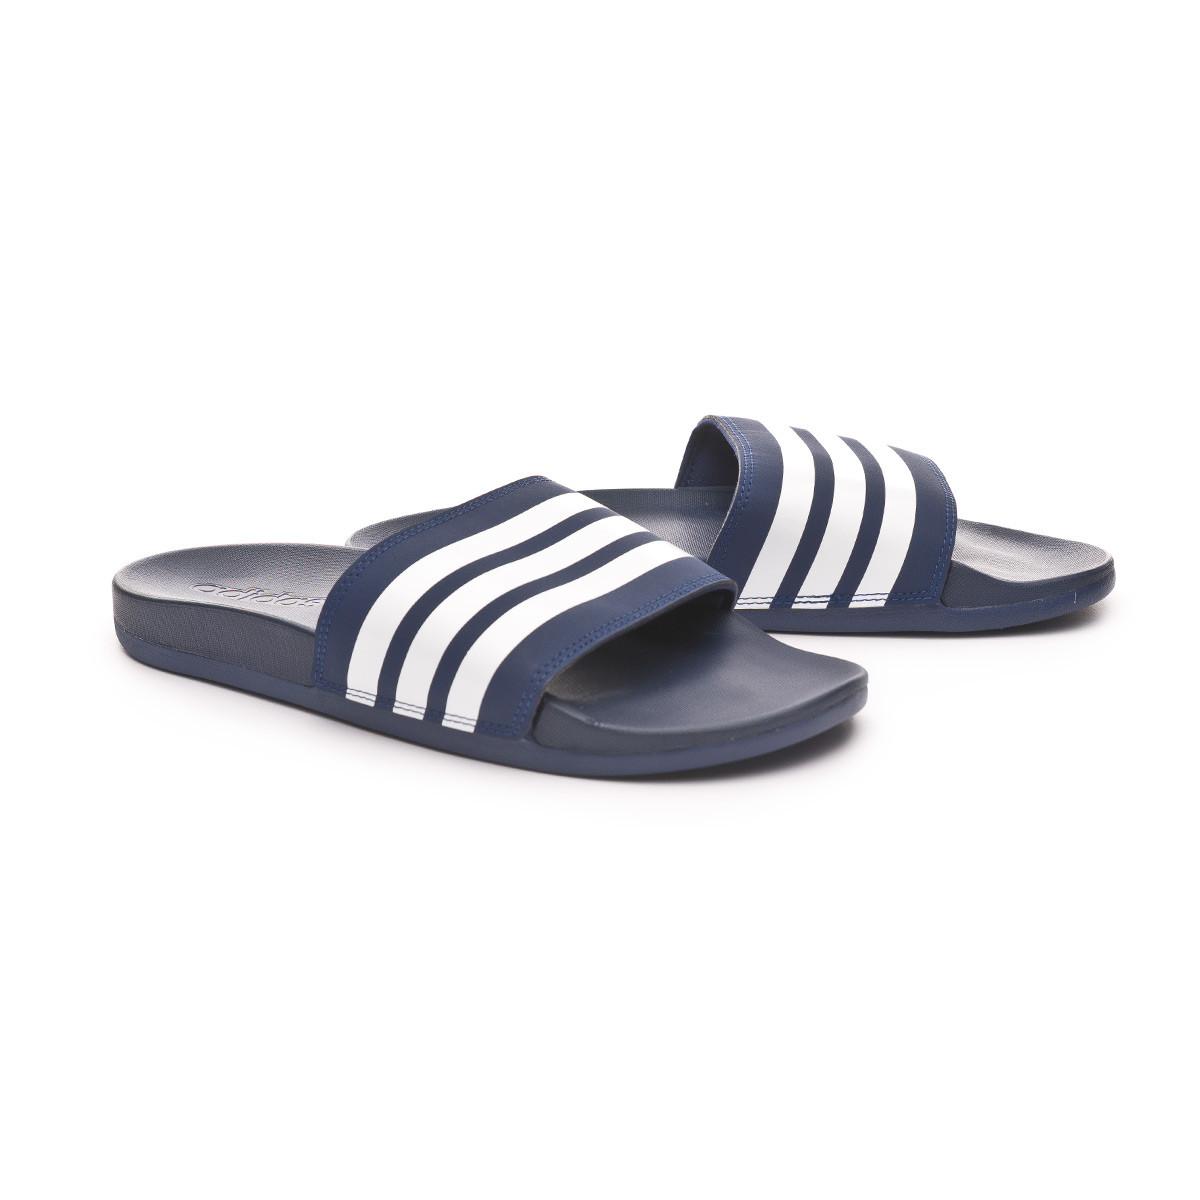 emulsión impuesto Superposición  Chanclas adidas Adilette Comfort Dark blue-White - Tienda de ...